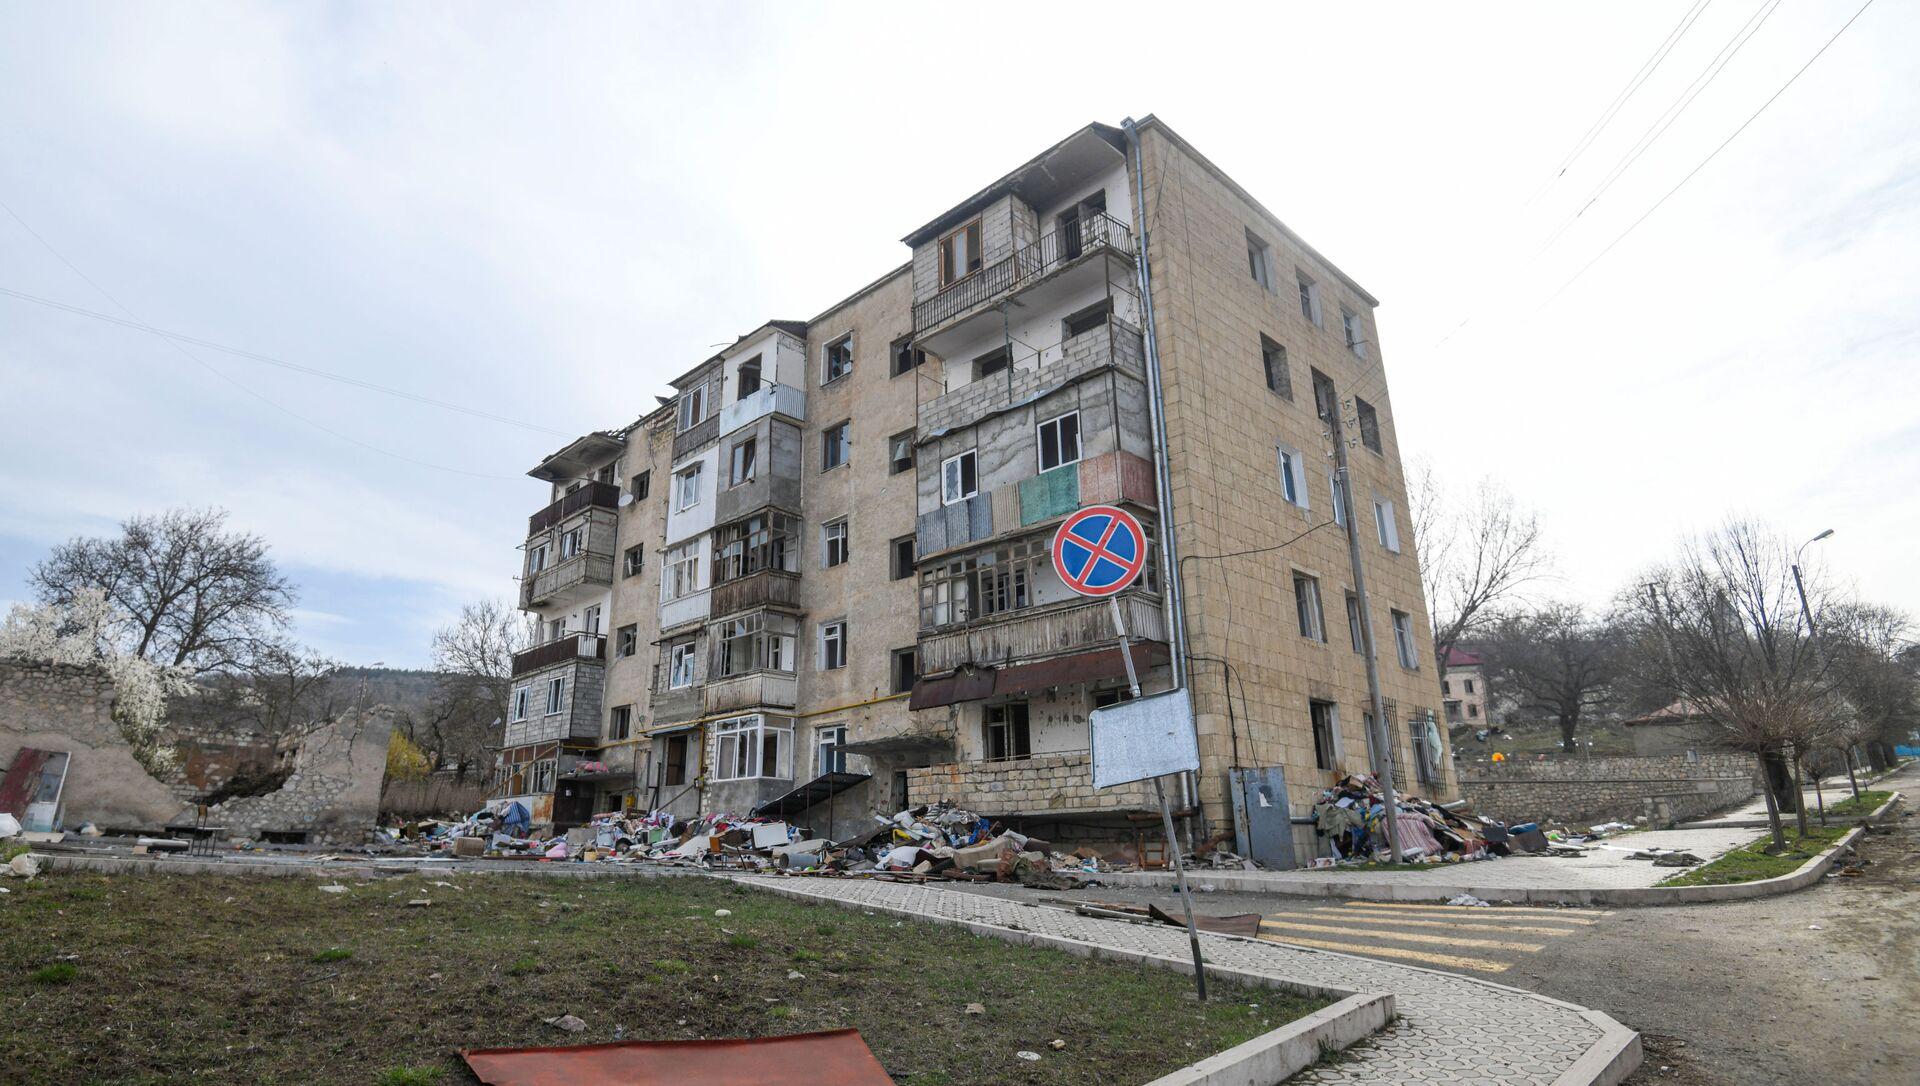 Разрушенное жилое здание в Шуше, фото из архива - Sputnik Азербайджан, 1920, 12.08.2021